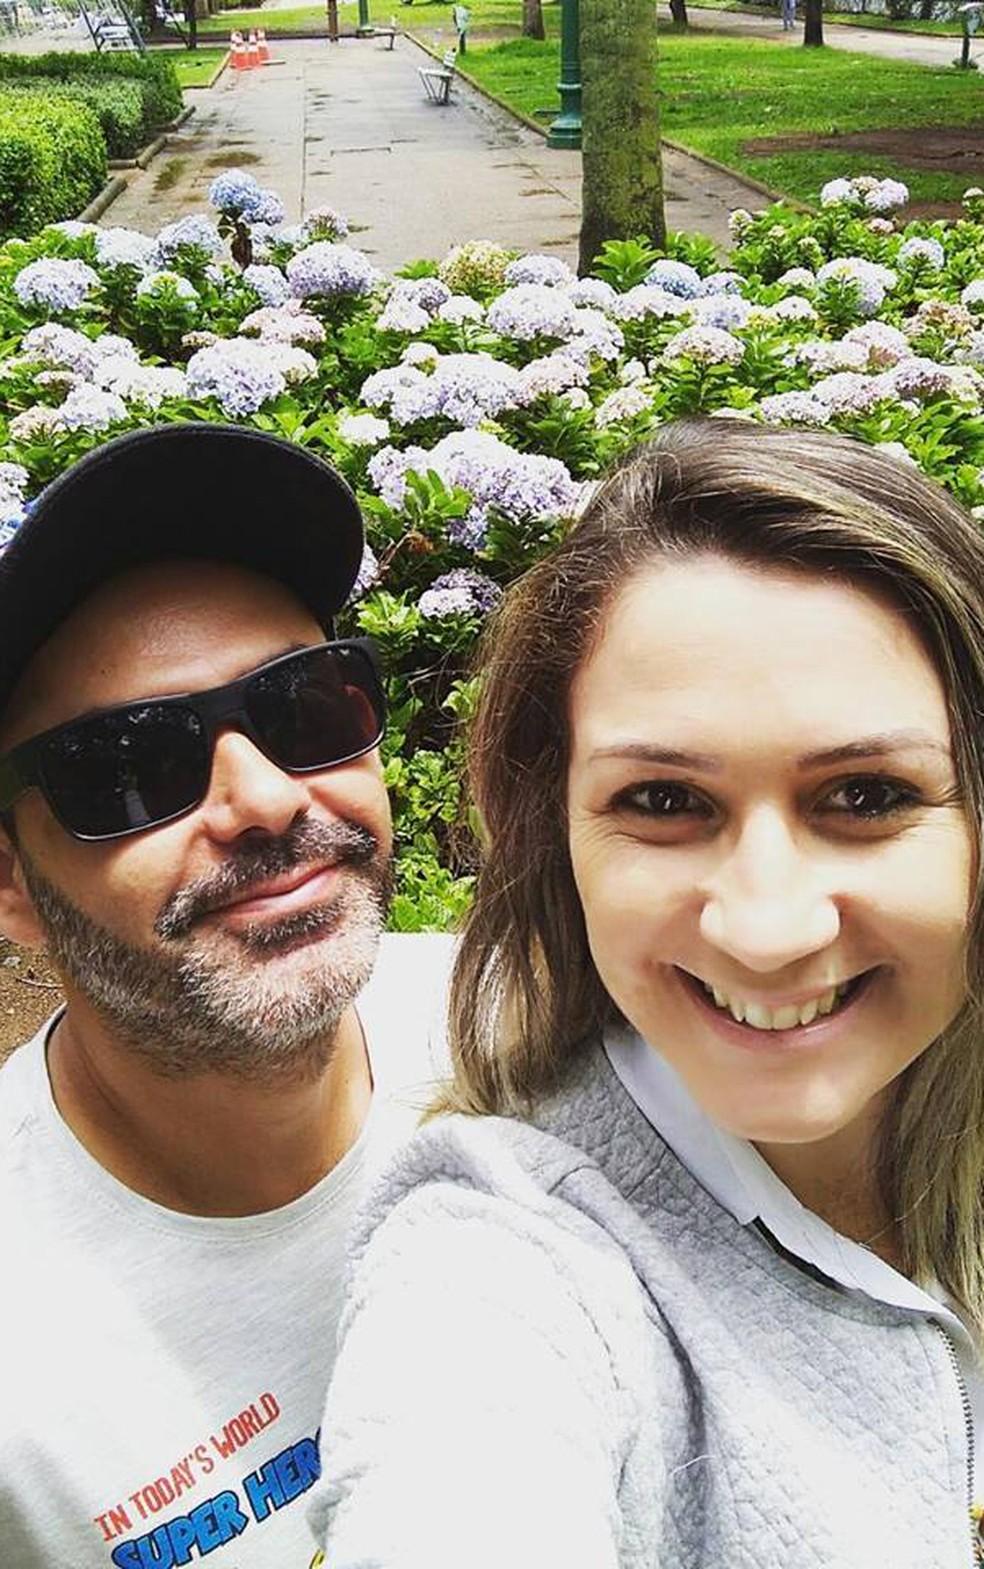 Casal passeia pela Praça da Liberdade, em Belo Horizonte (Foto: Lucélia Ganda/Arquico pessoal)